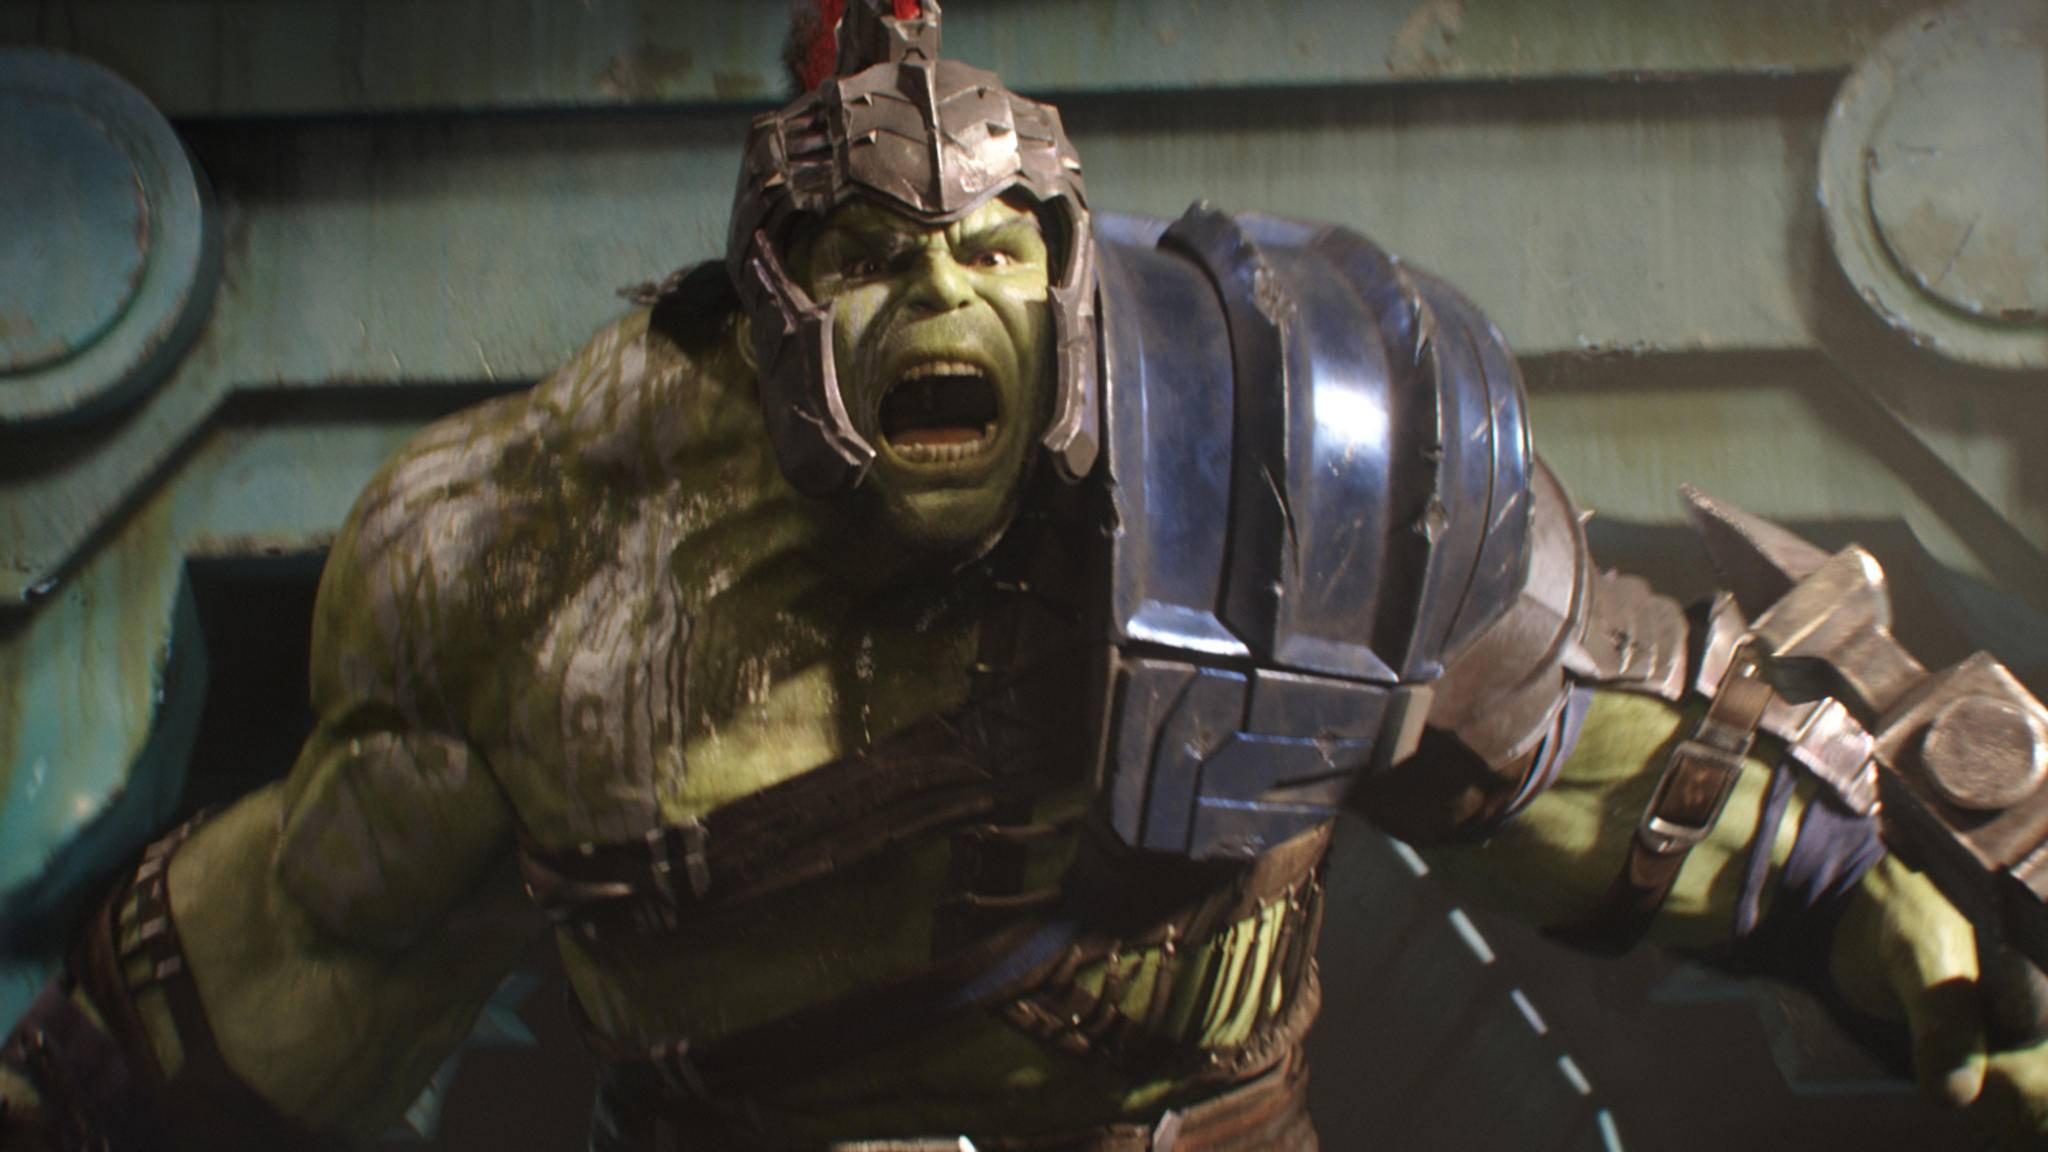 Übernimmt Deine Versicherung auch Hulk-Schäden?